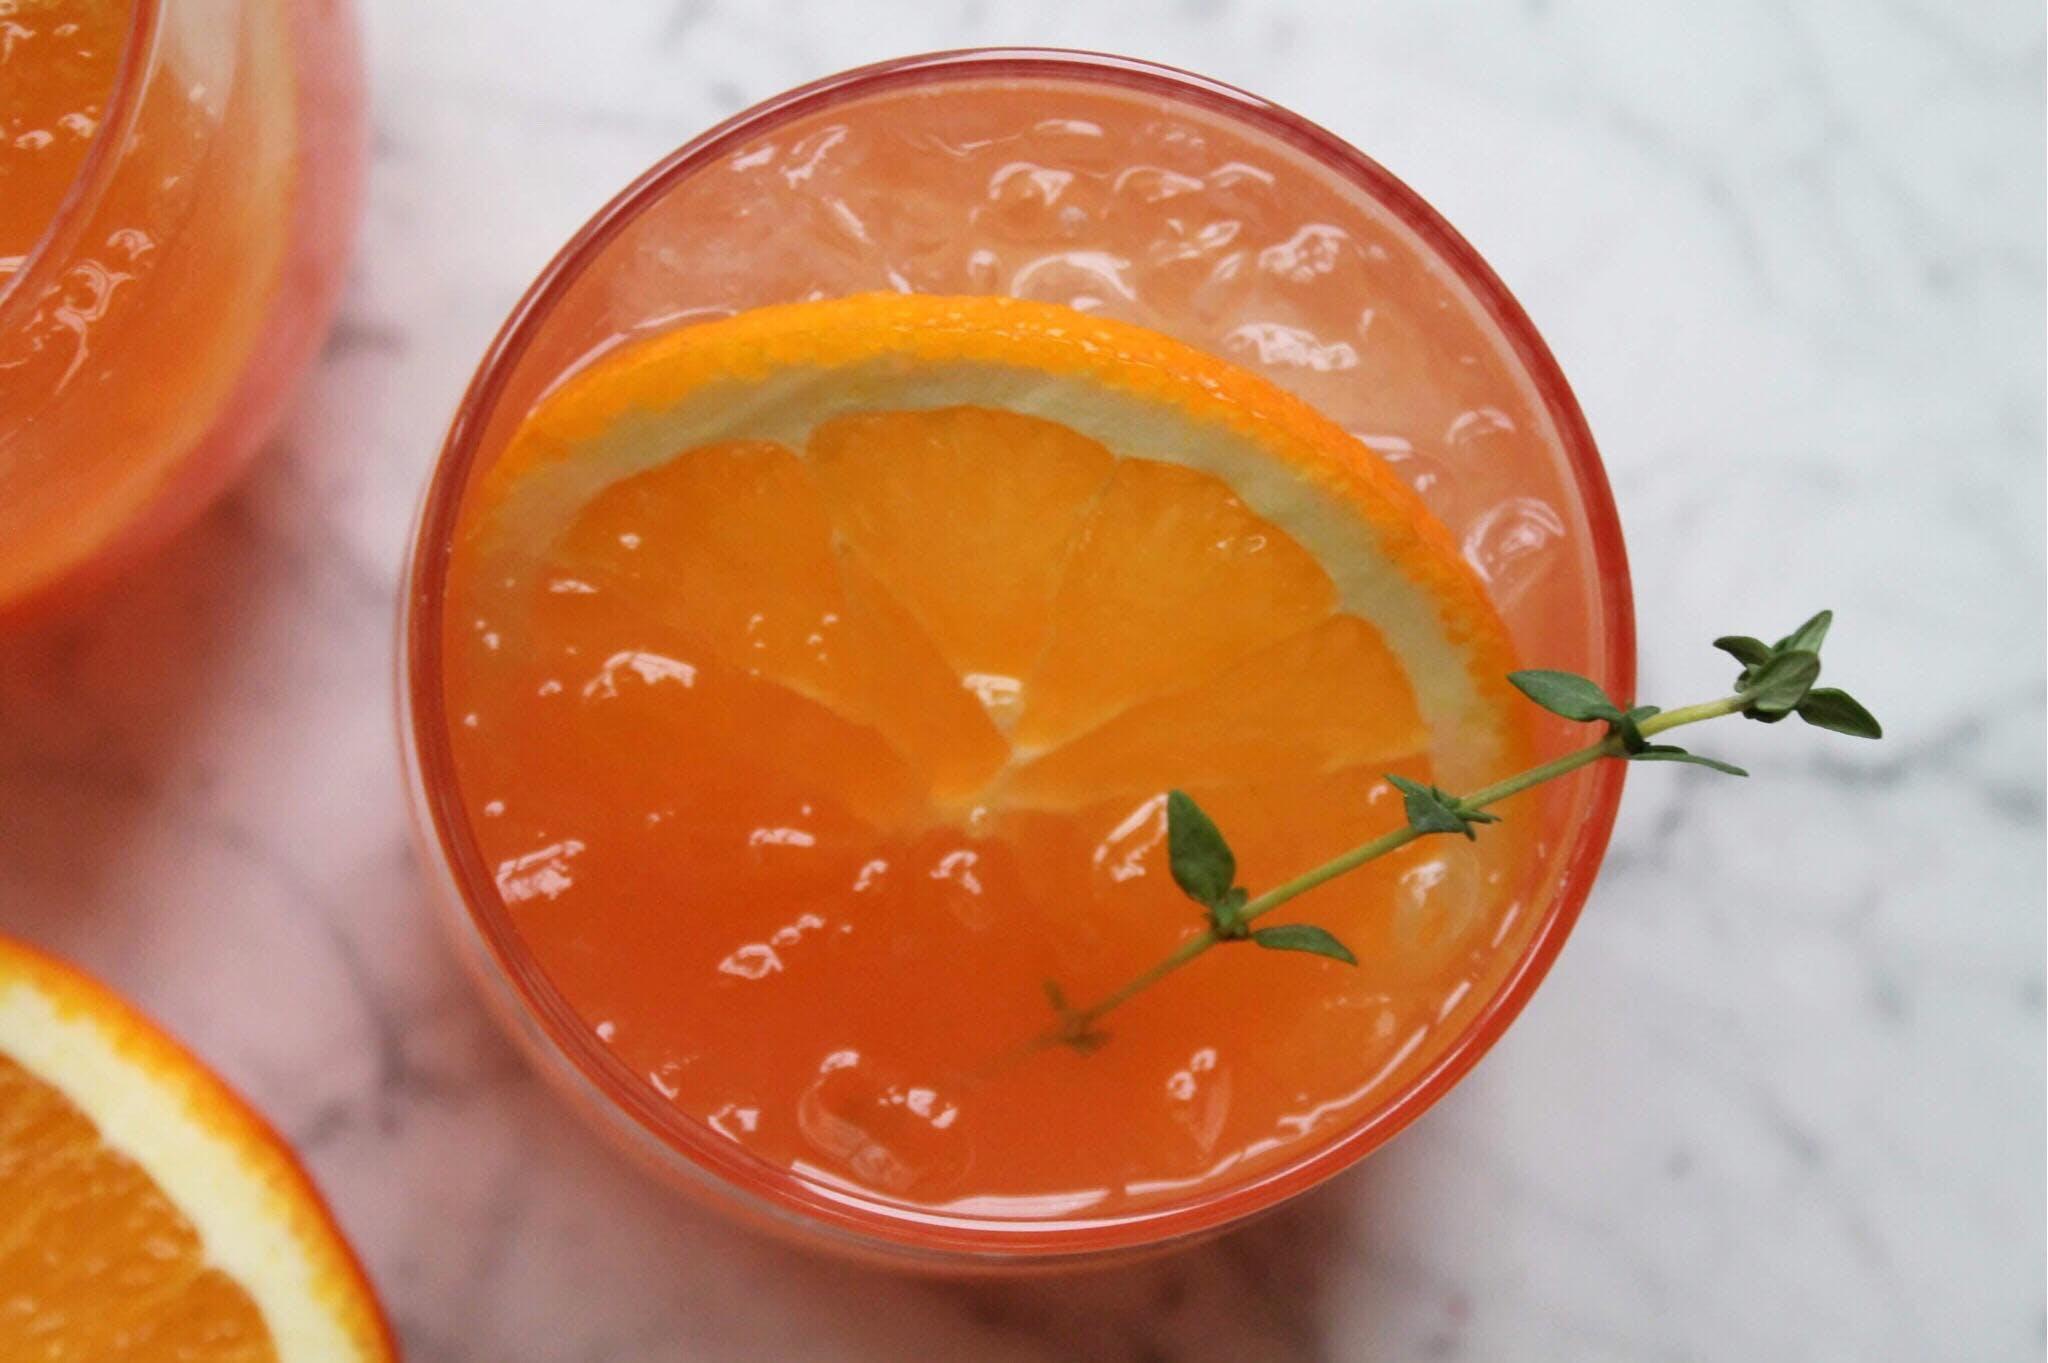 cocktail drink orange med snaps